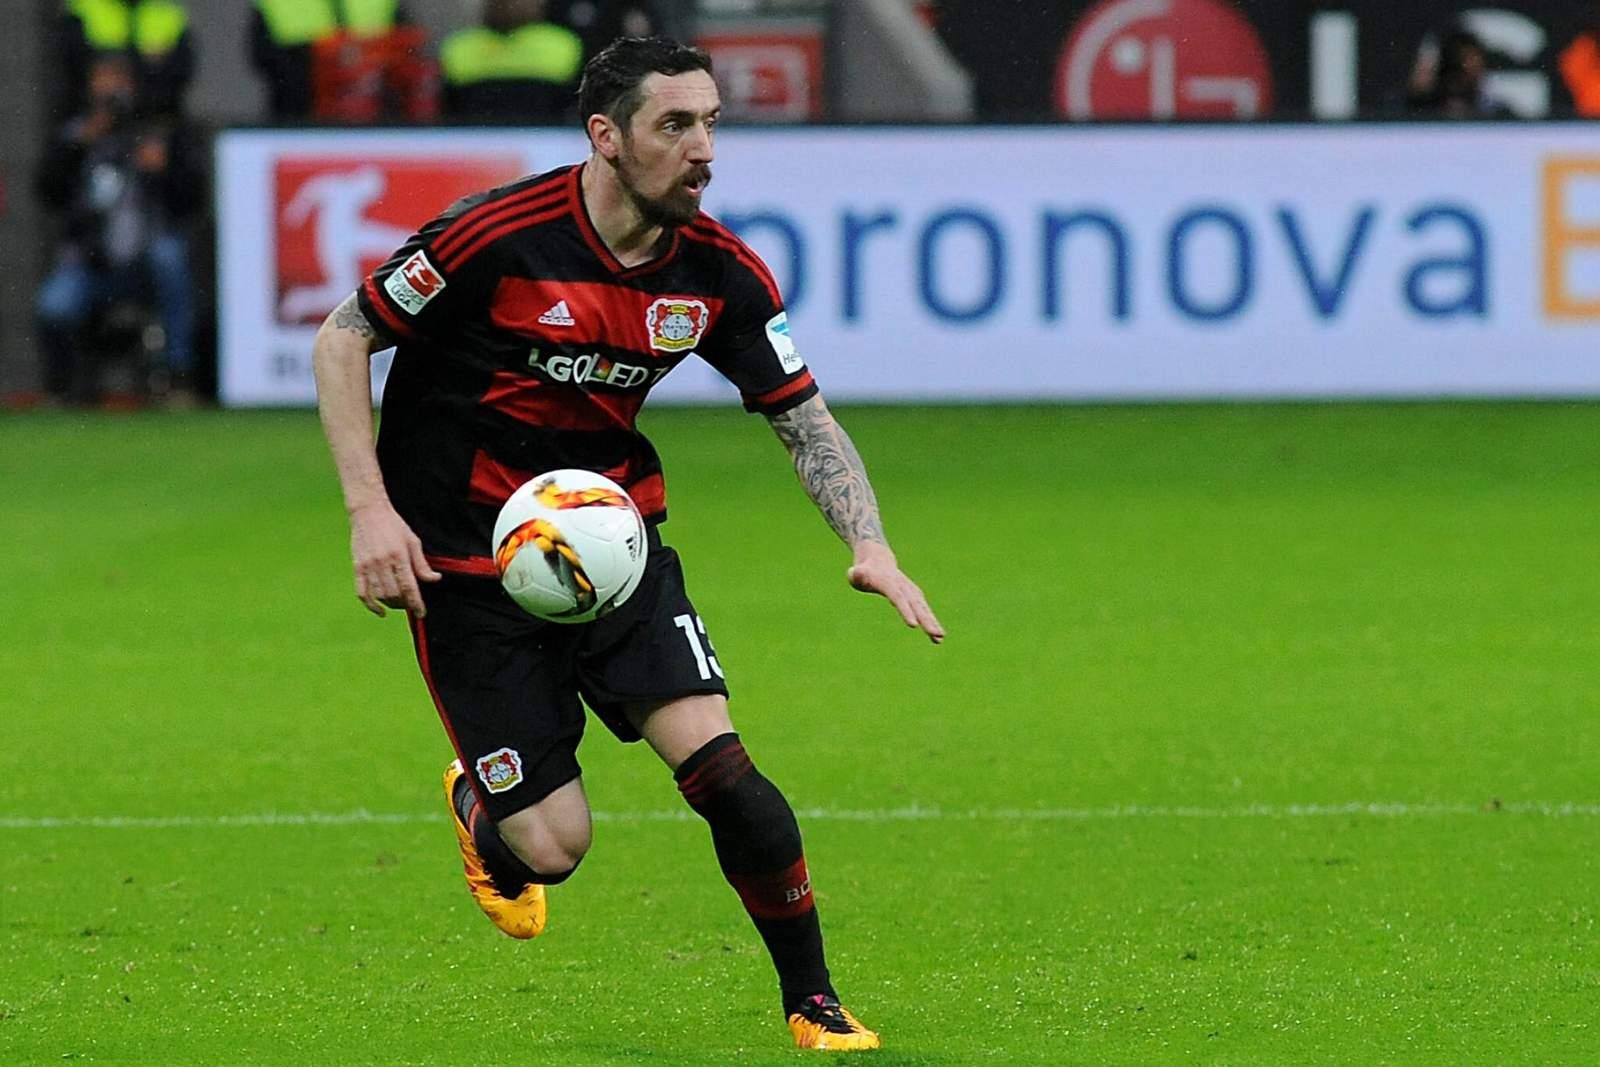 Roberto Hilbert im Trikot von Bayer Leverkusen. Jetzt spielt er wieder für Greuther Fürth.